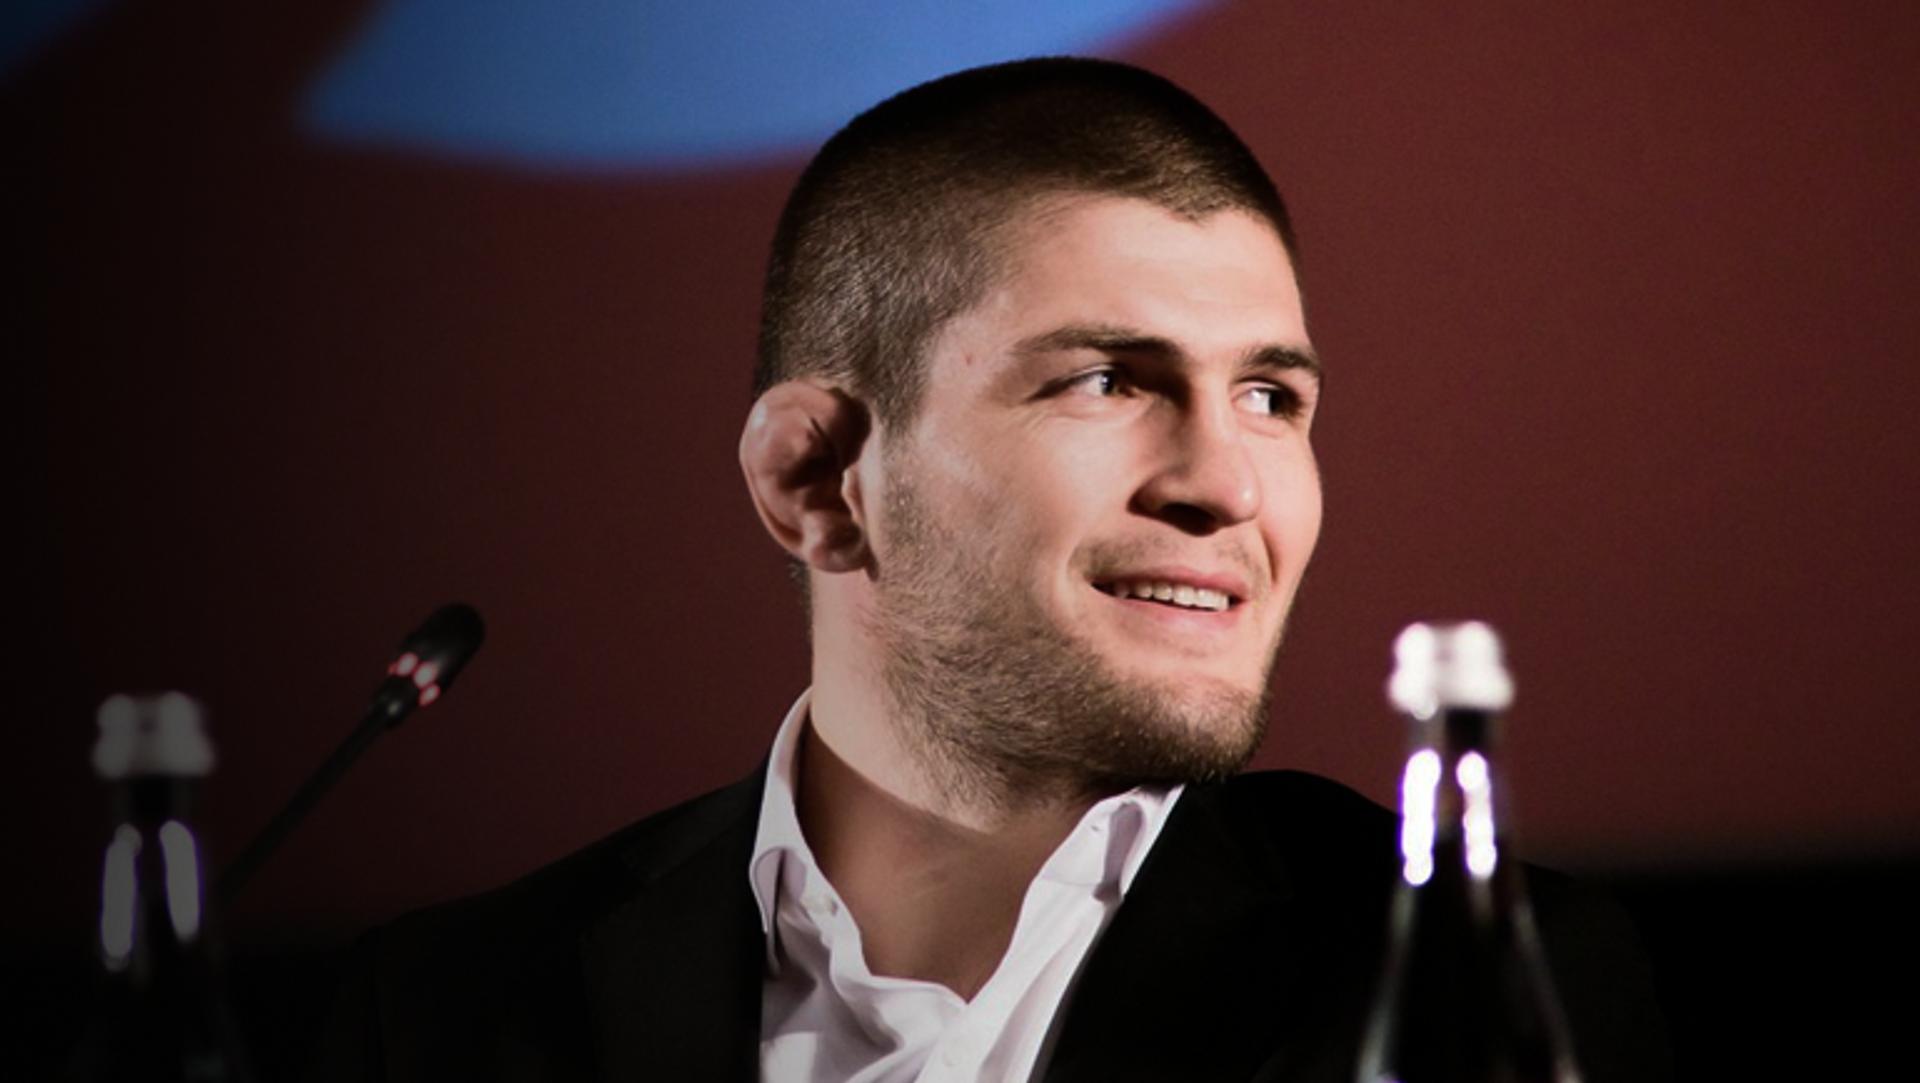 Чемпион UFC в лёгком весе Хабиб Нурмагомедов - РИА Новости, 1920, 02.03.2021